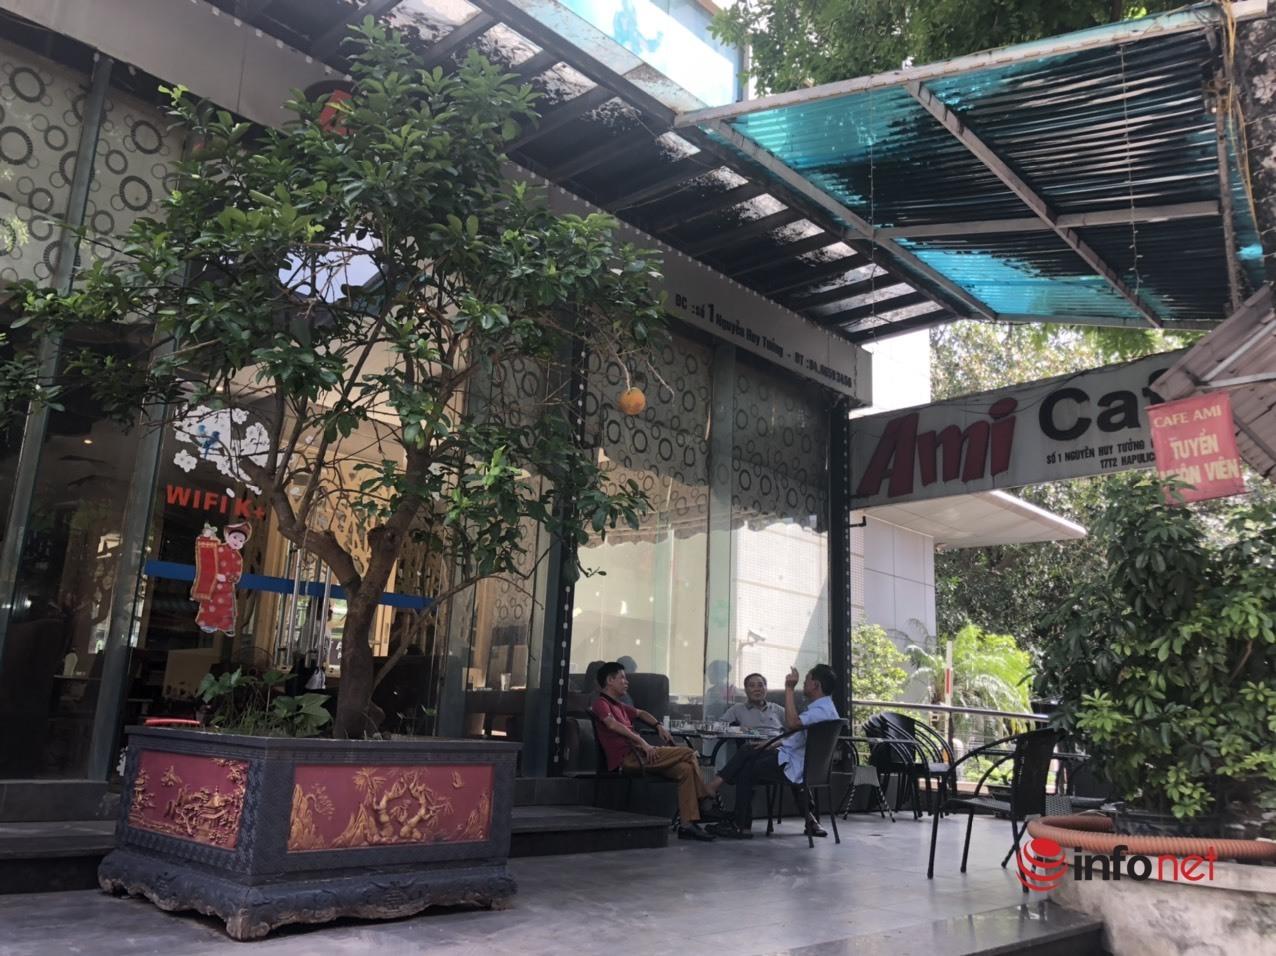 Sáng chủ nhật đi ăn phở, uống cà phê giãn cách ở Hà Nội